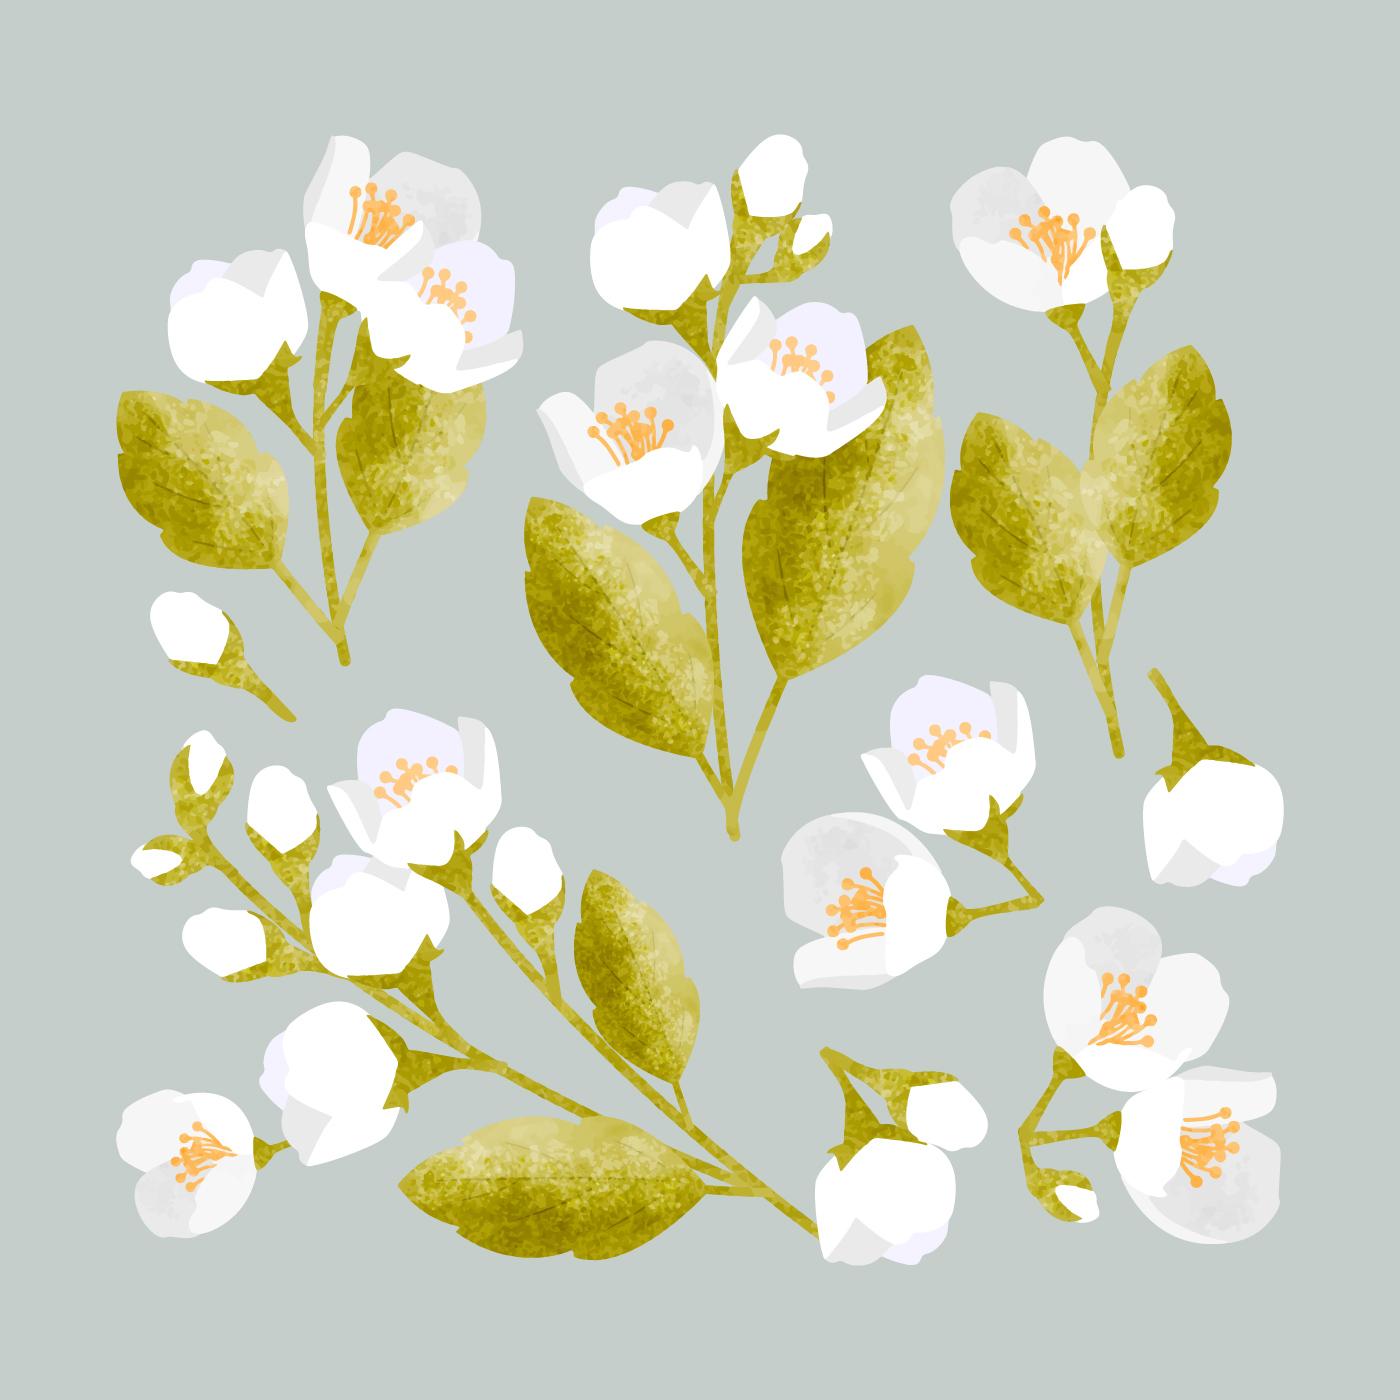 Vector Hand Drawn Jasmine Flowers Download Free Vectors